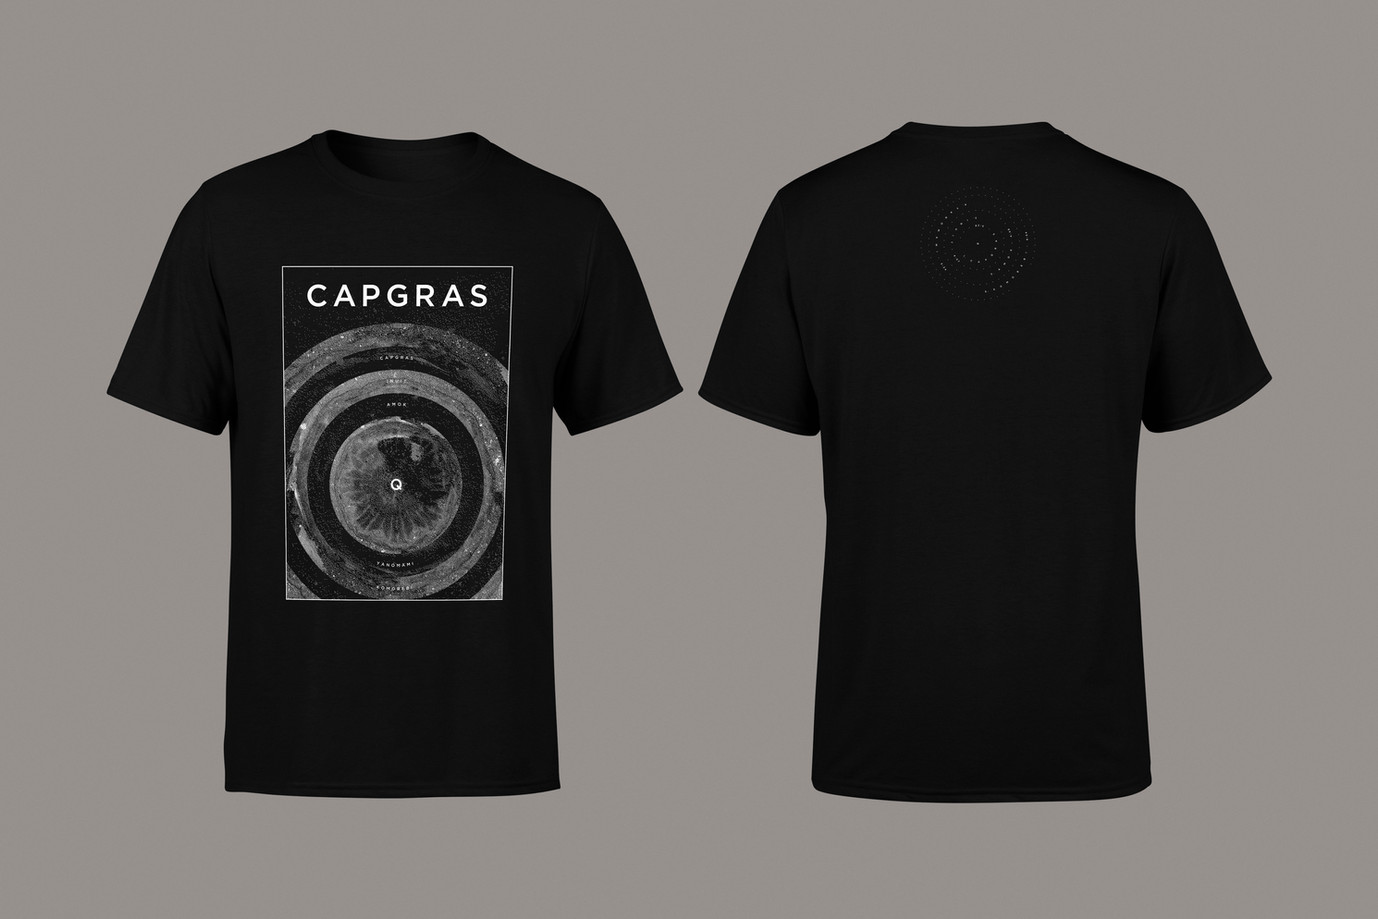 CAPGRAS_MOCKUP 22.jpg